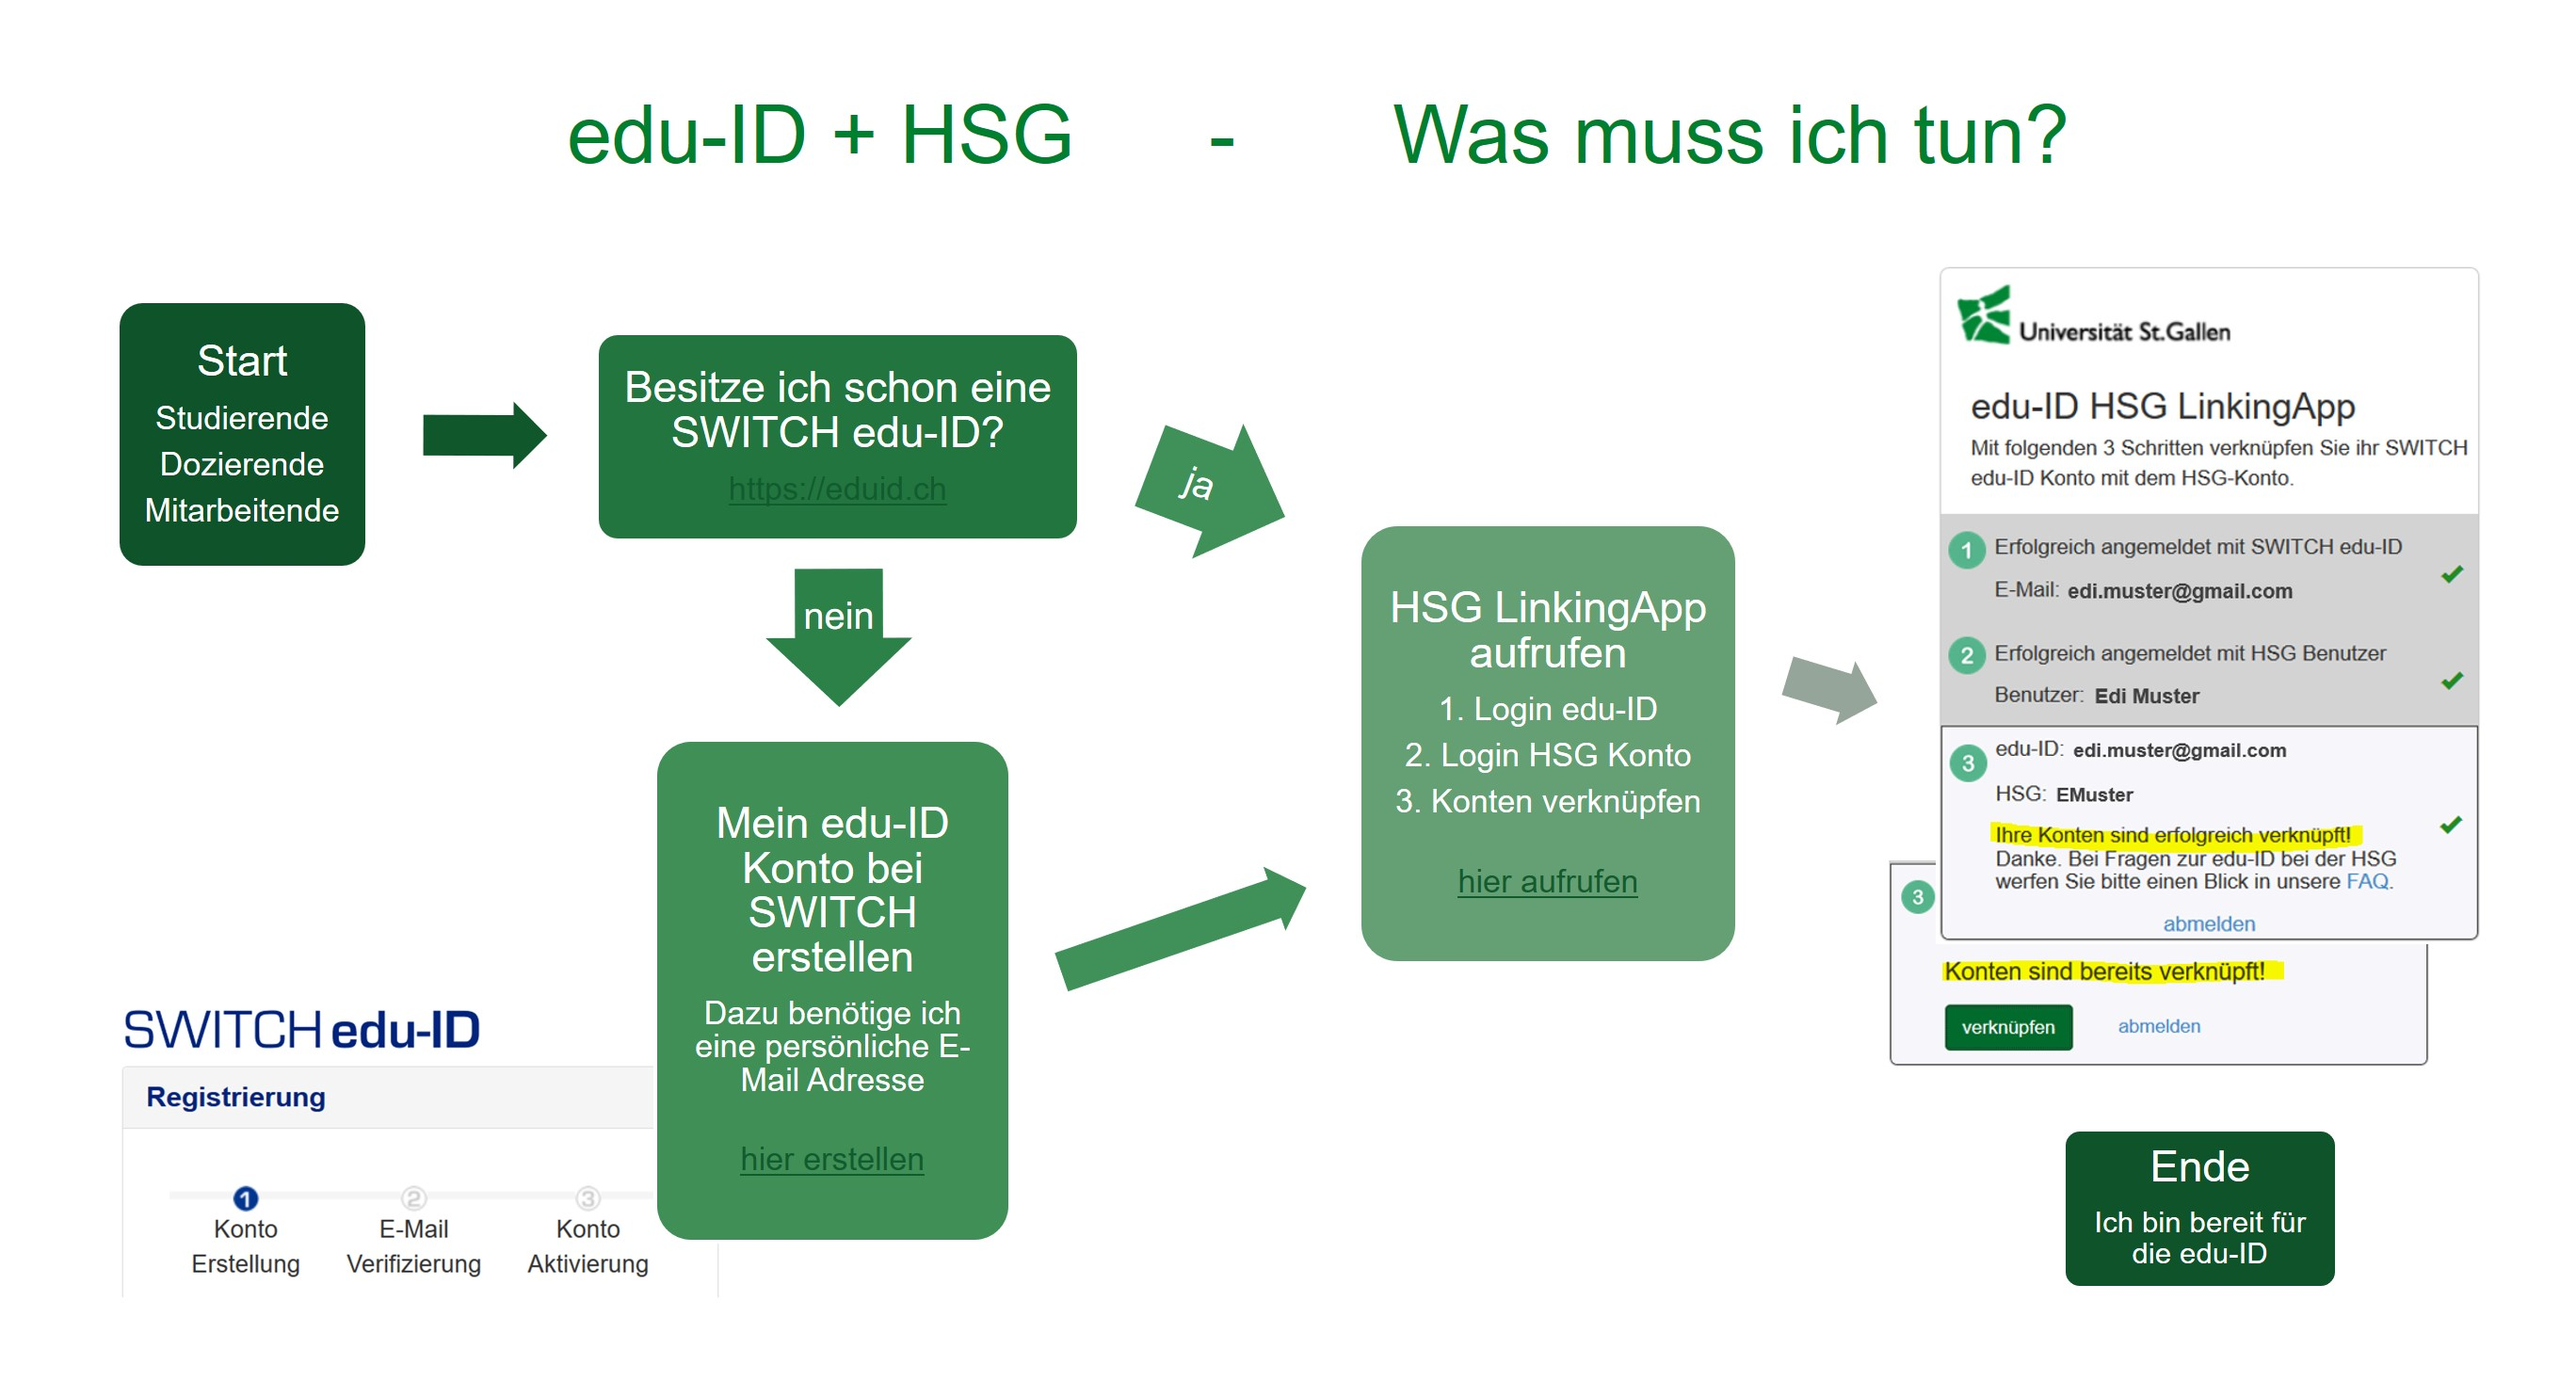 eduid workflow deutsch